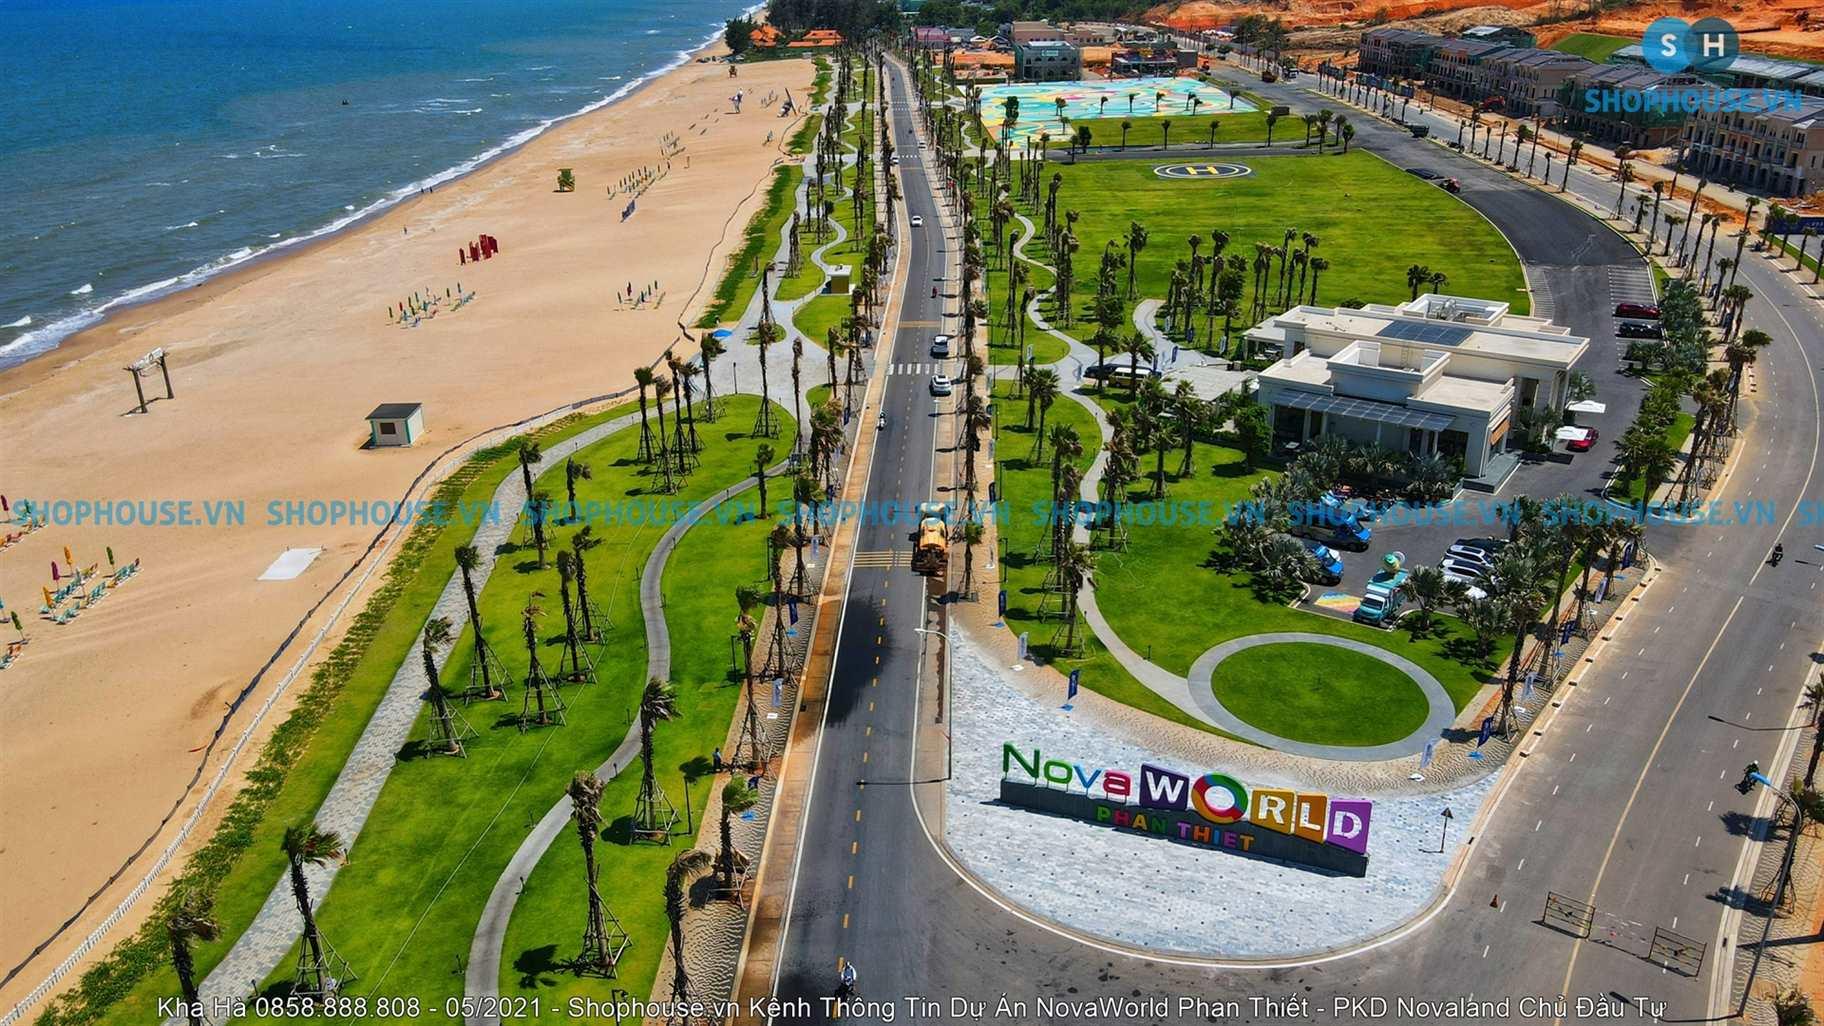 cong-vien-bien-Bikini-Beach-16ha-Nova-World-Phan-Thiet-Q2-2021